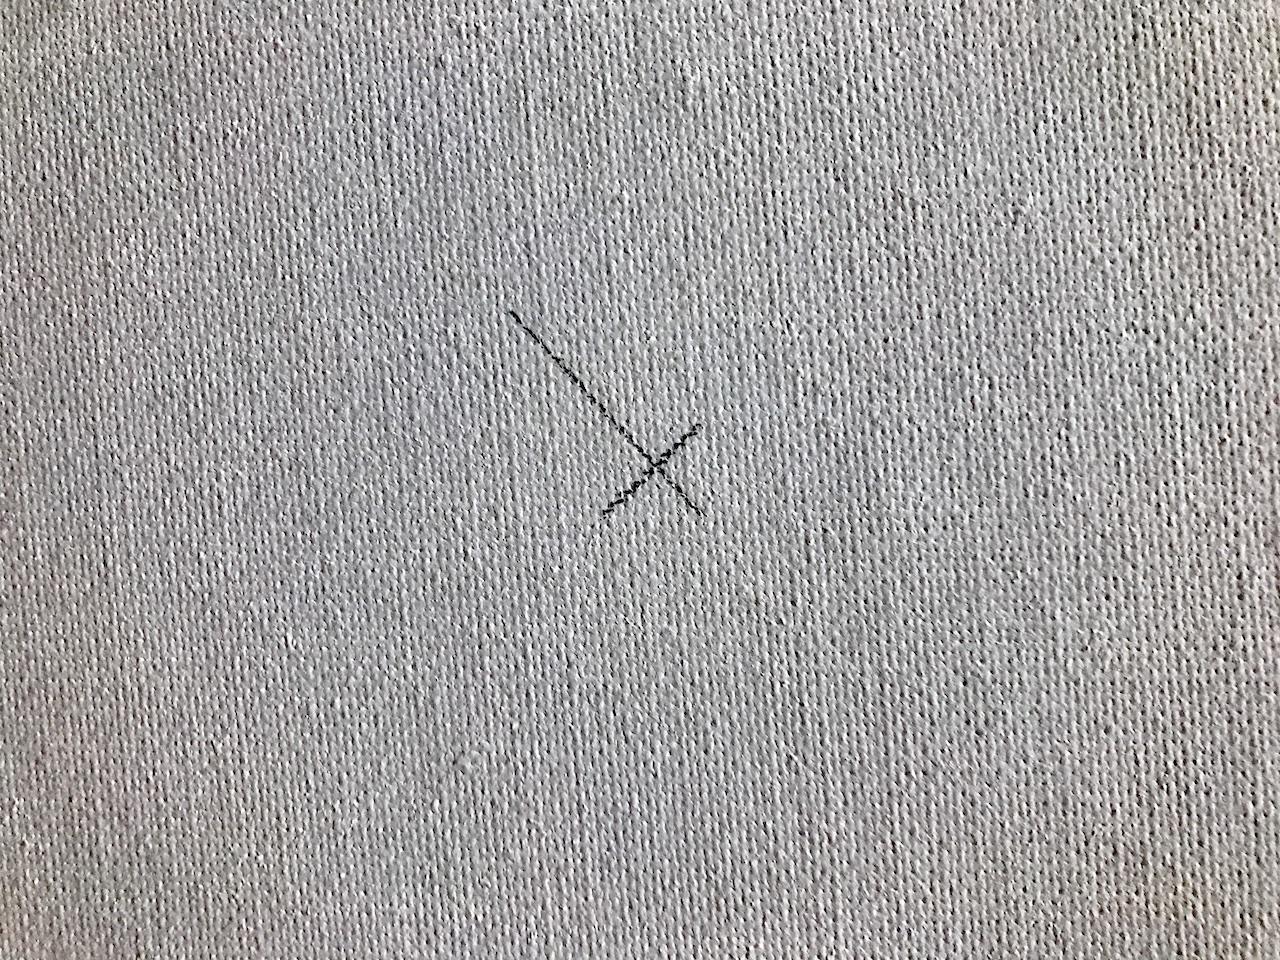 Bestimmung des Mittelpunktes eines Kreises (c) Foto von Susanne Haun